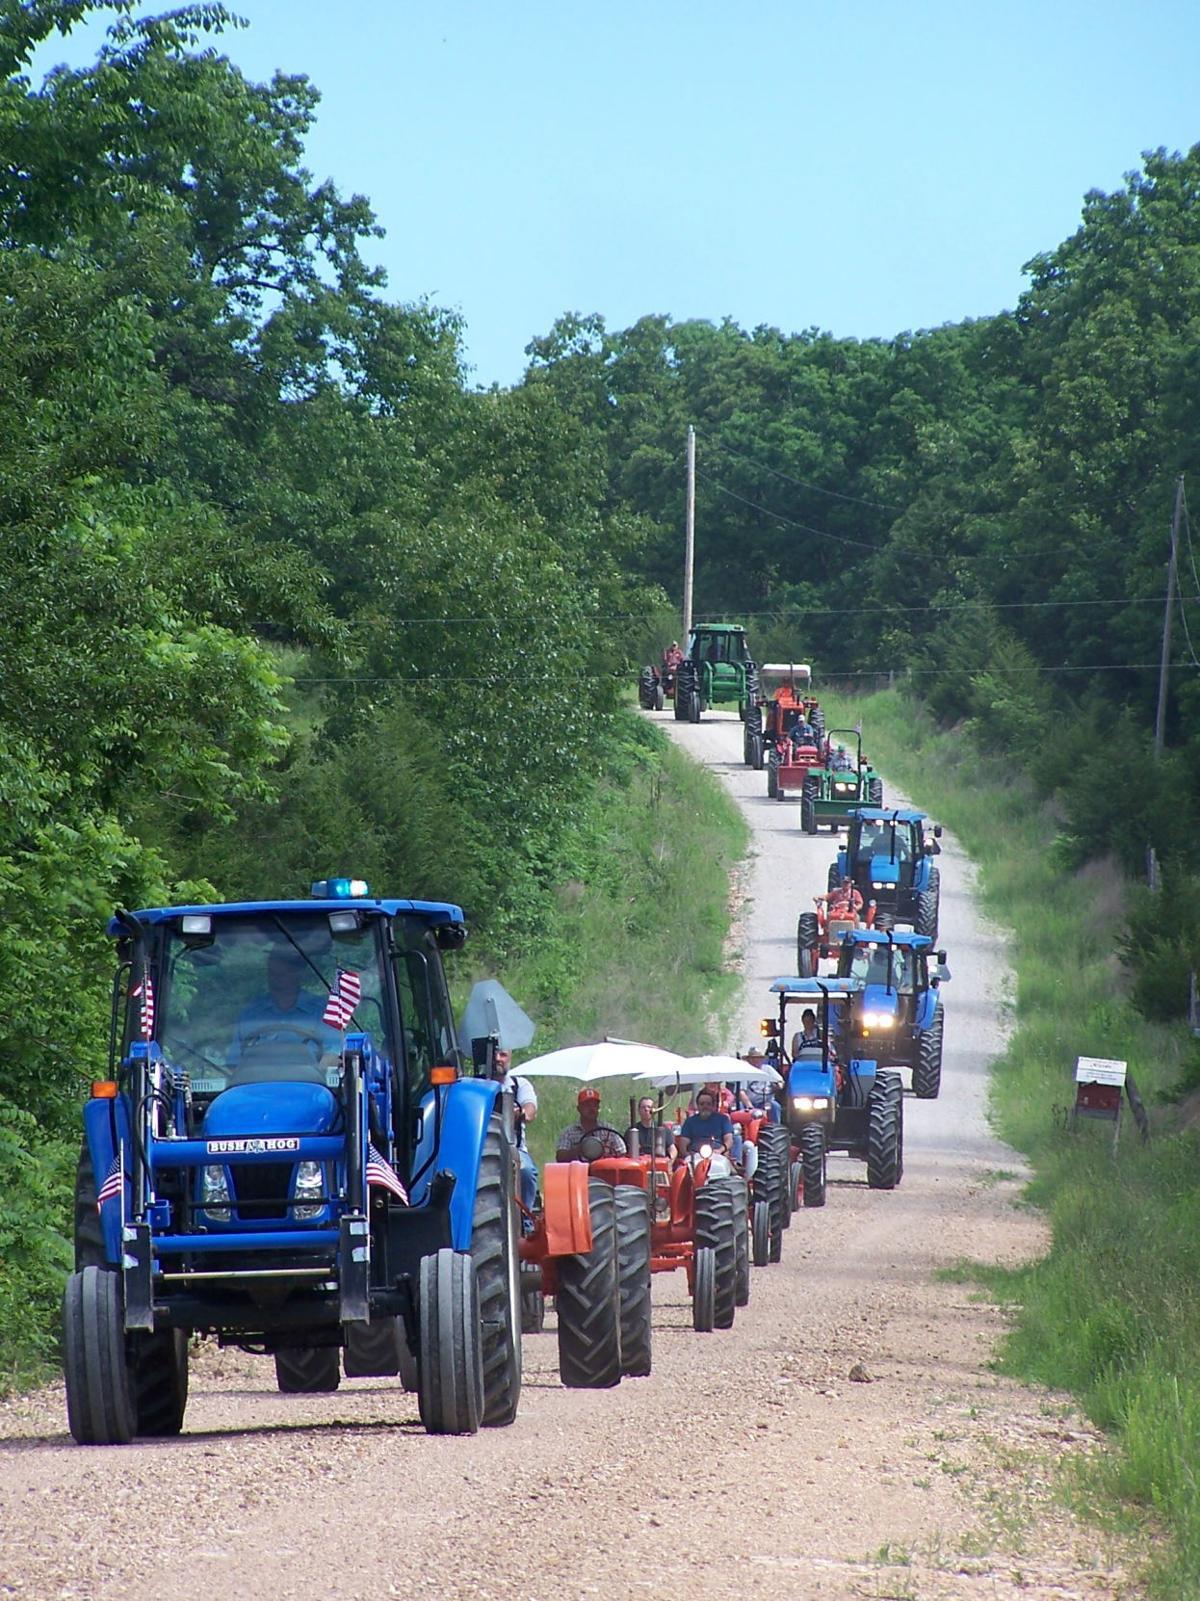 Leroy Tipton Memorial Tractor Cruise